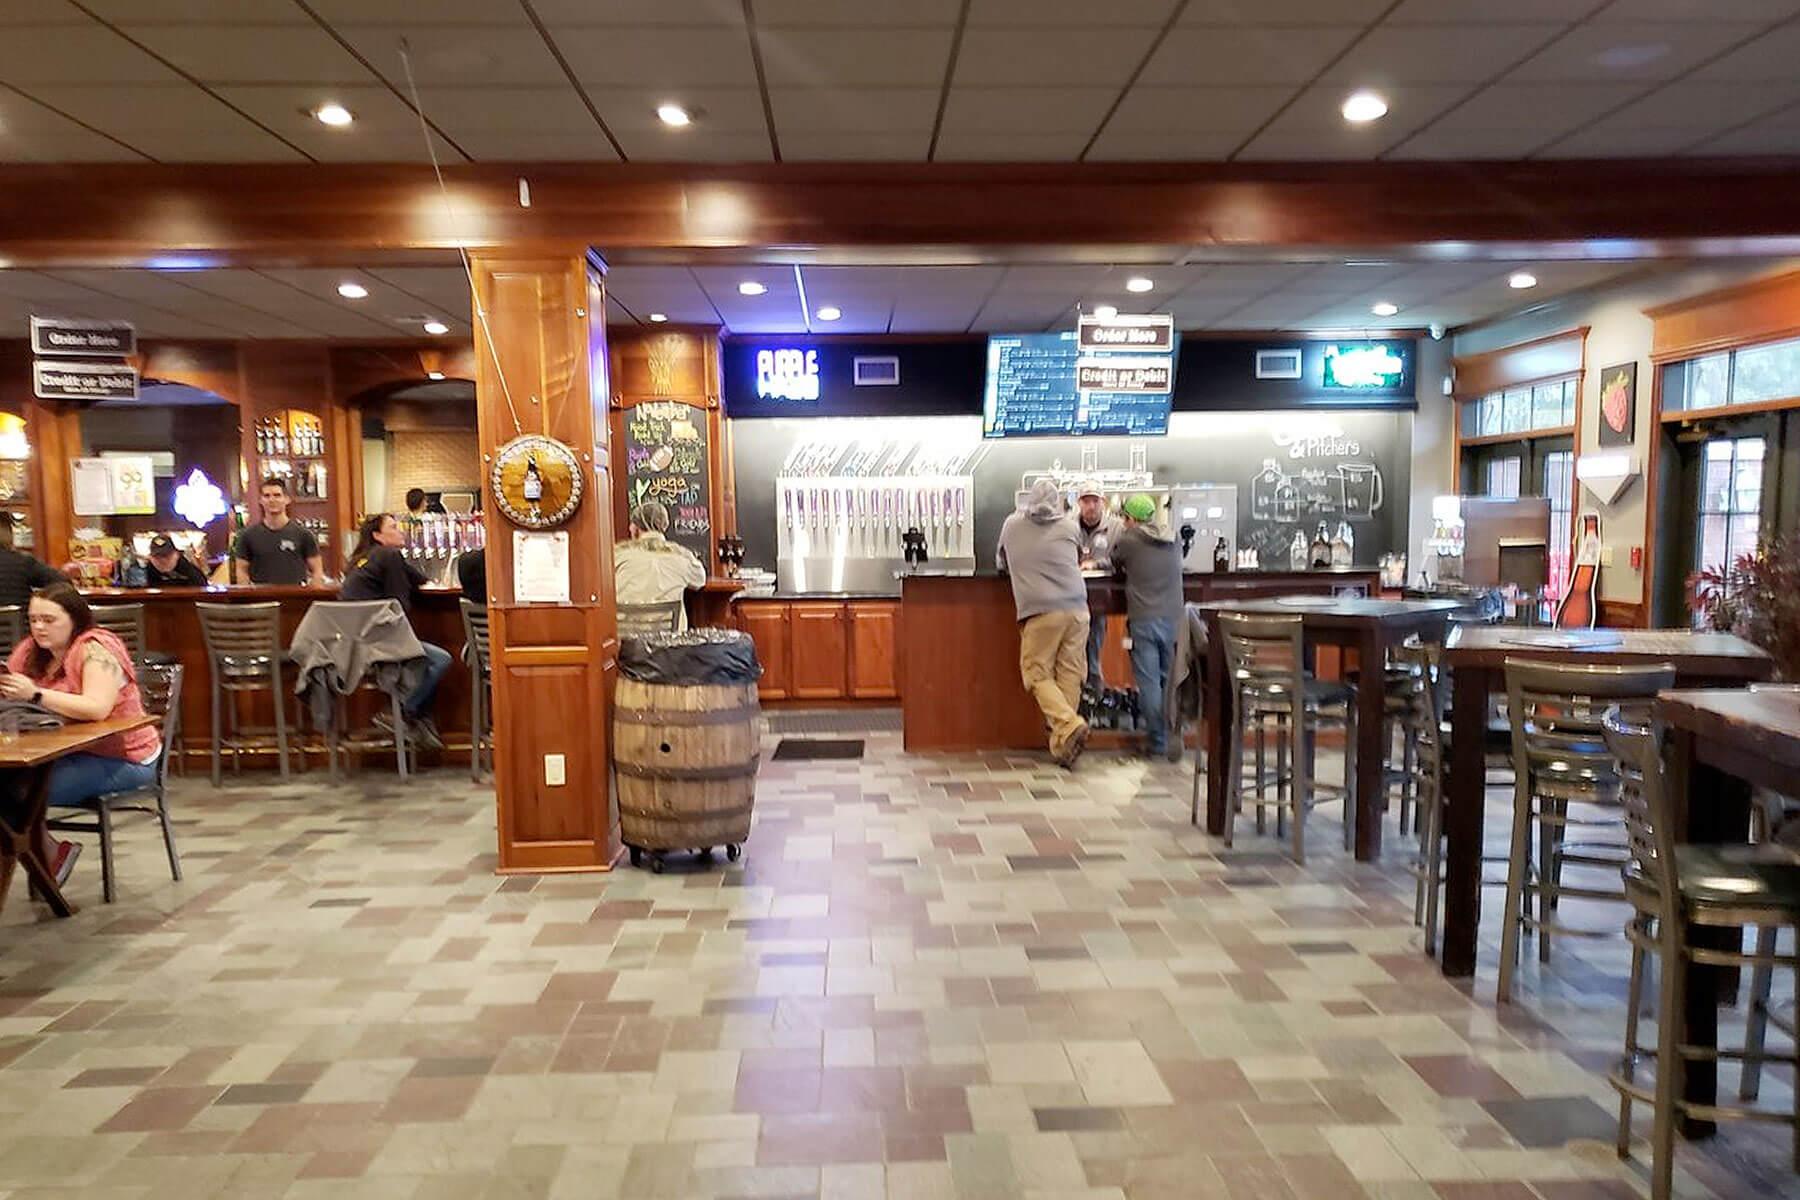 Inside the taproom at Abita Brewing Company in Covington, Louisiana